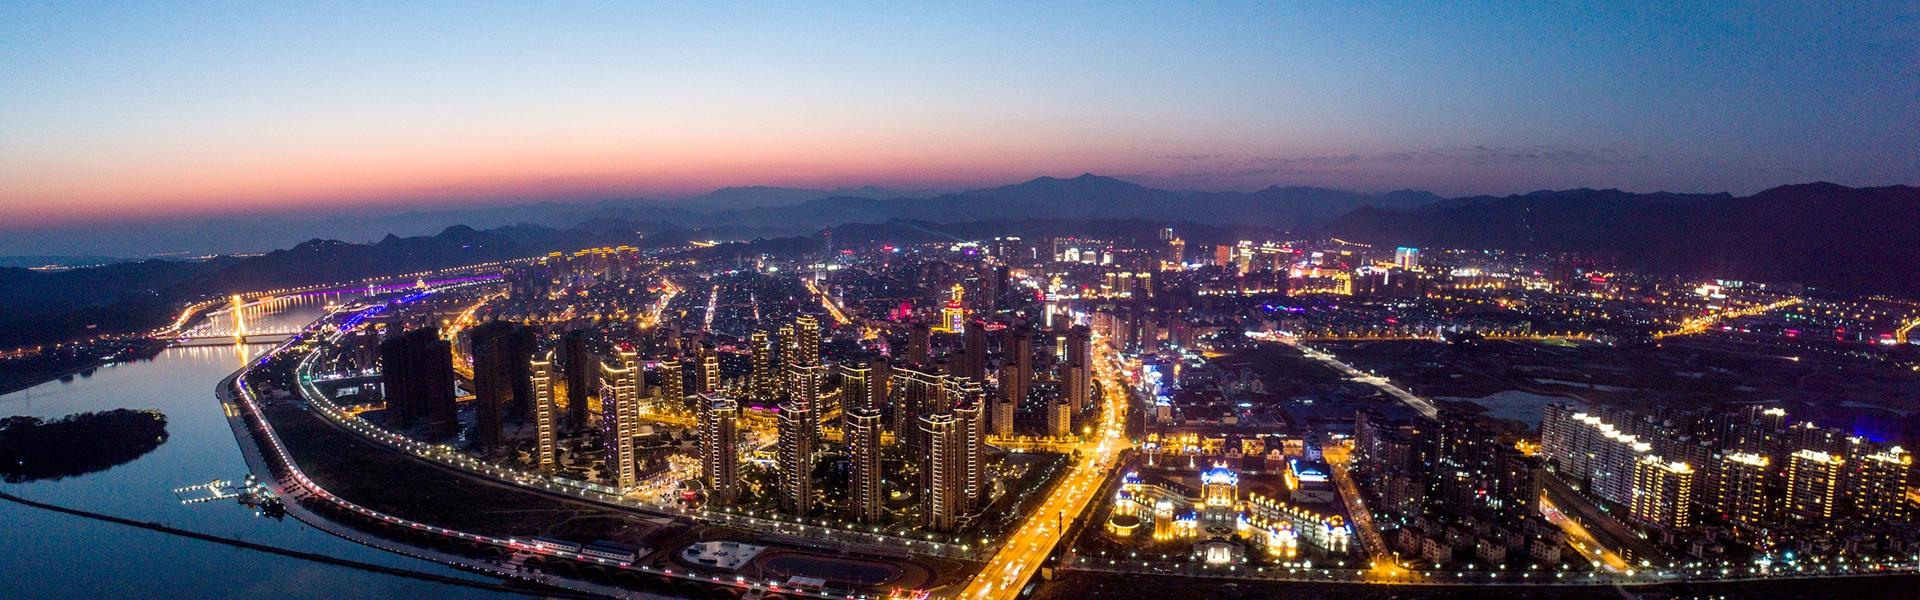 南明湖夜色DJI_0883 Panorama-.jpg